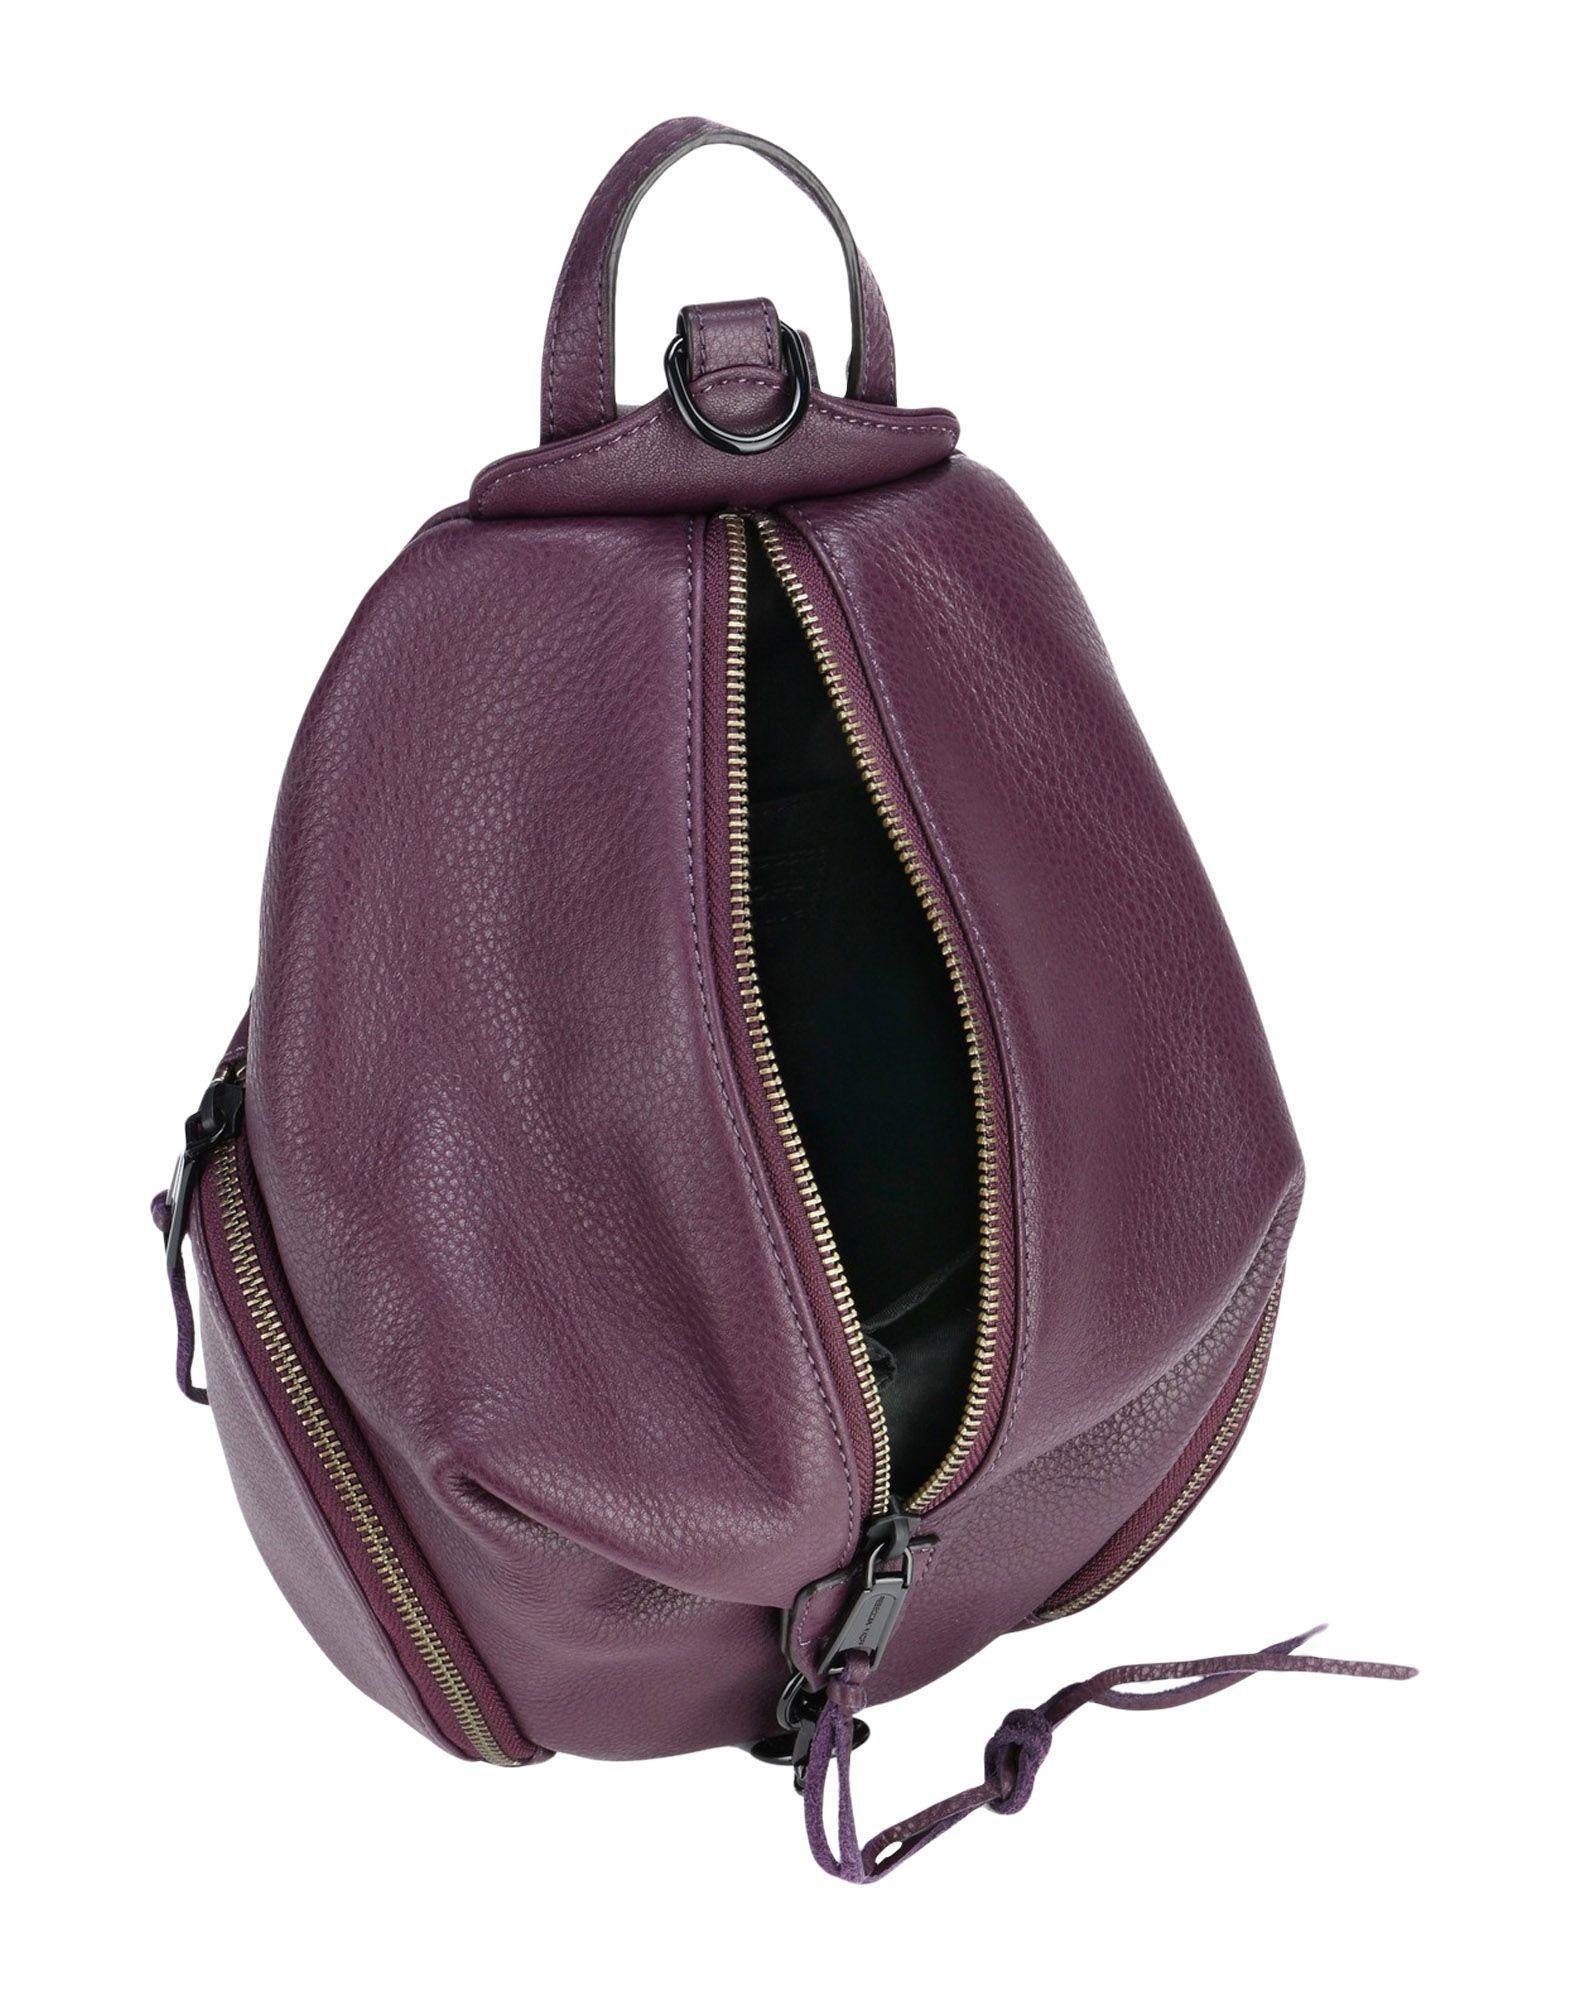 Rebecca Minkoff Leather Backpacks & Fanny Packs in Deep Purple (Purple)